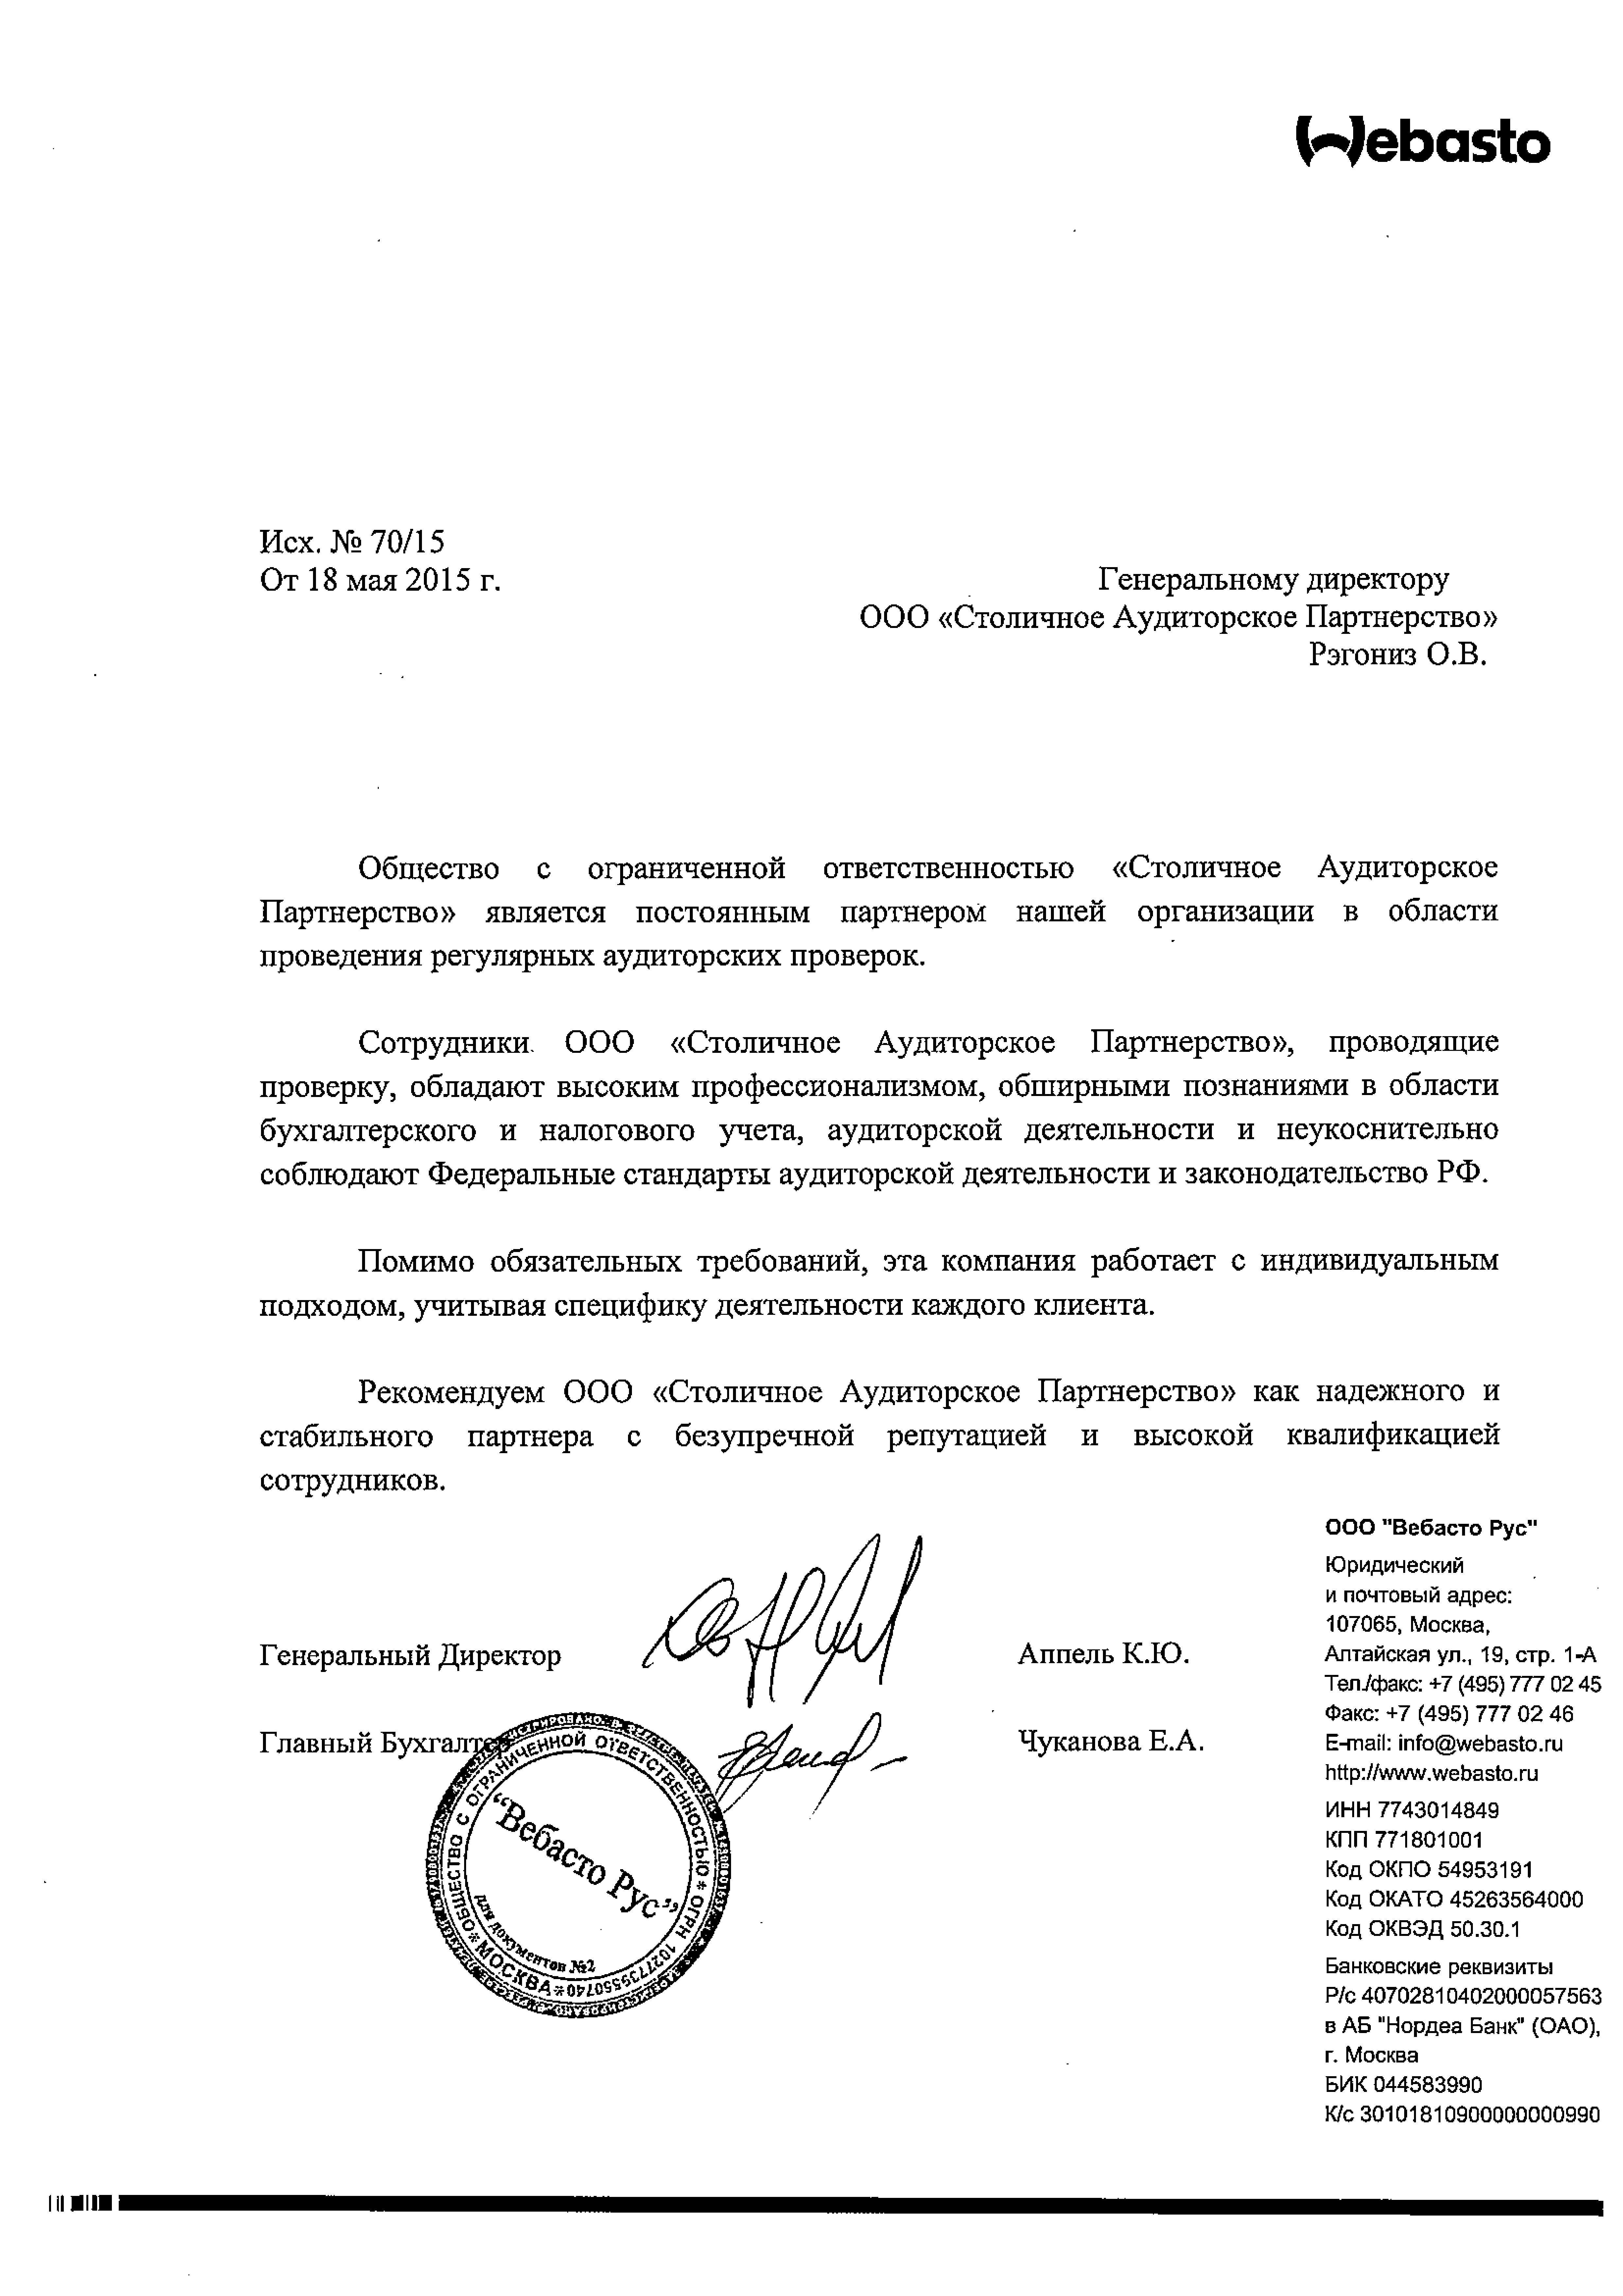 Вебасто_Рус